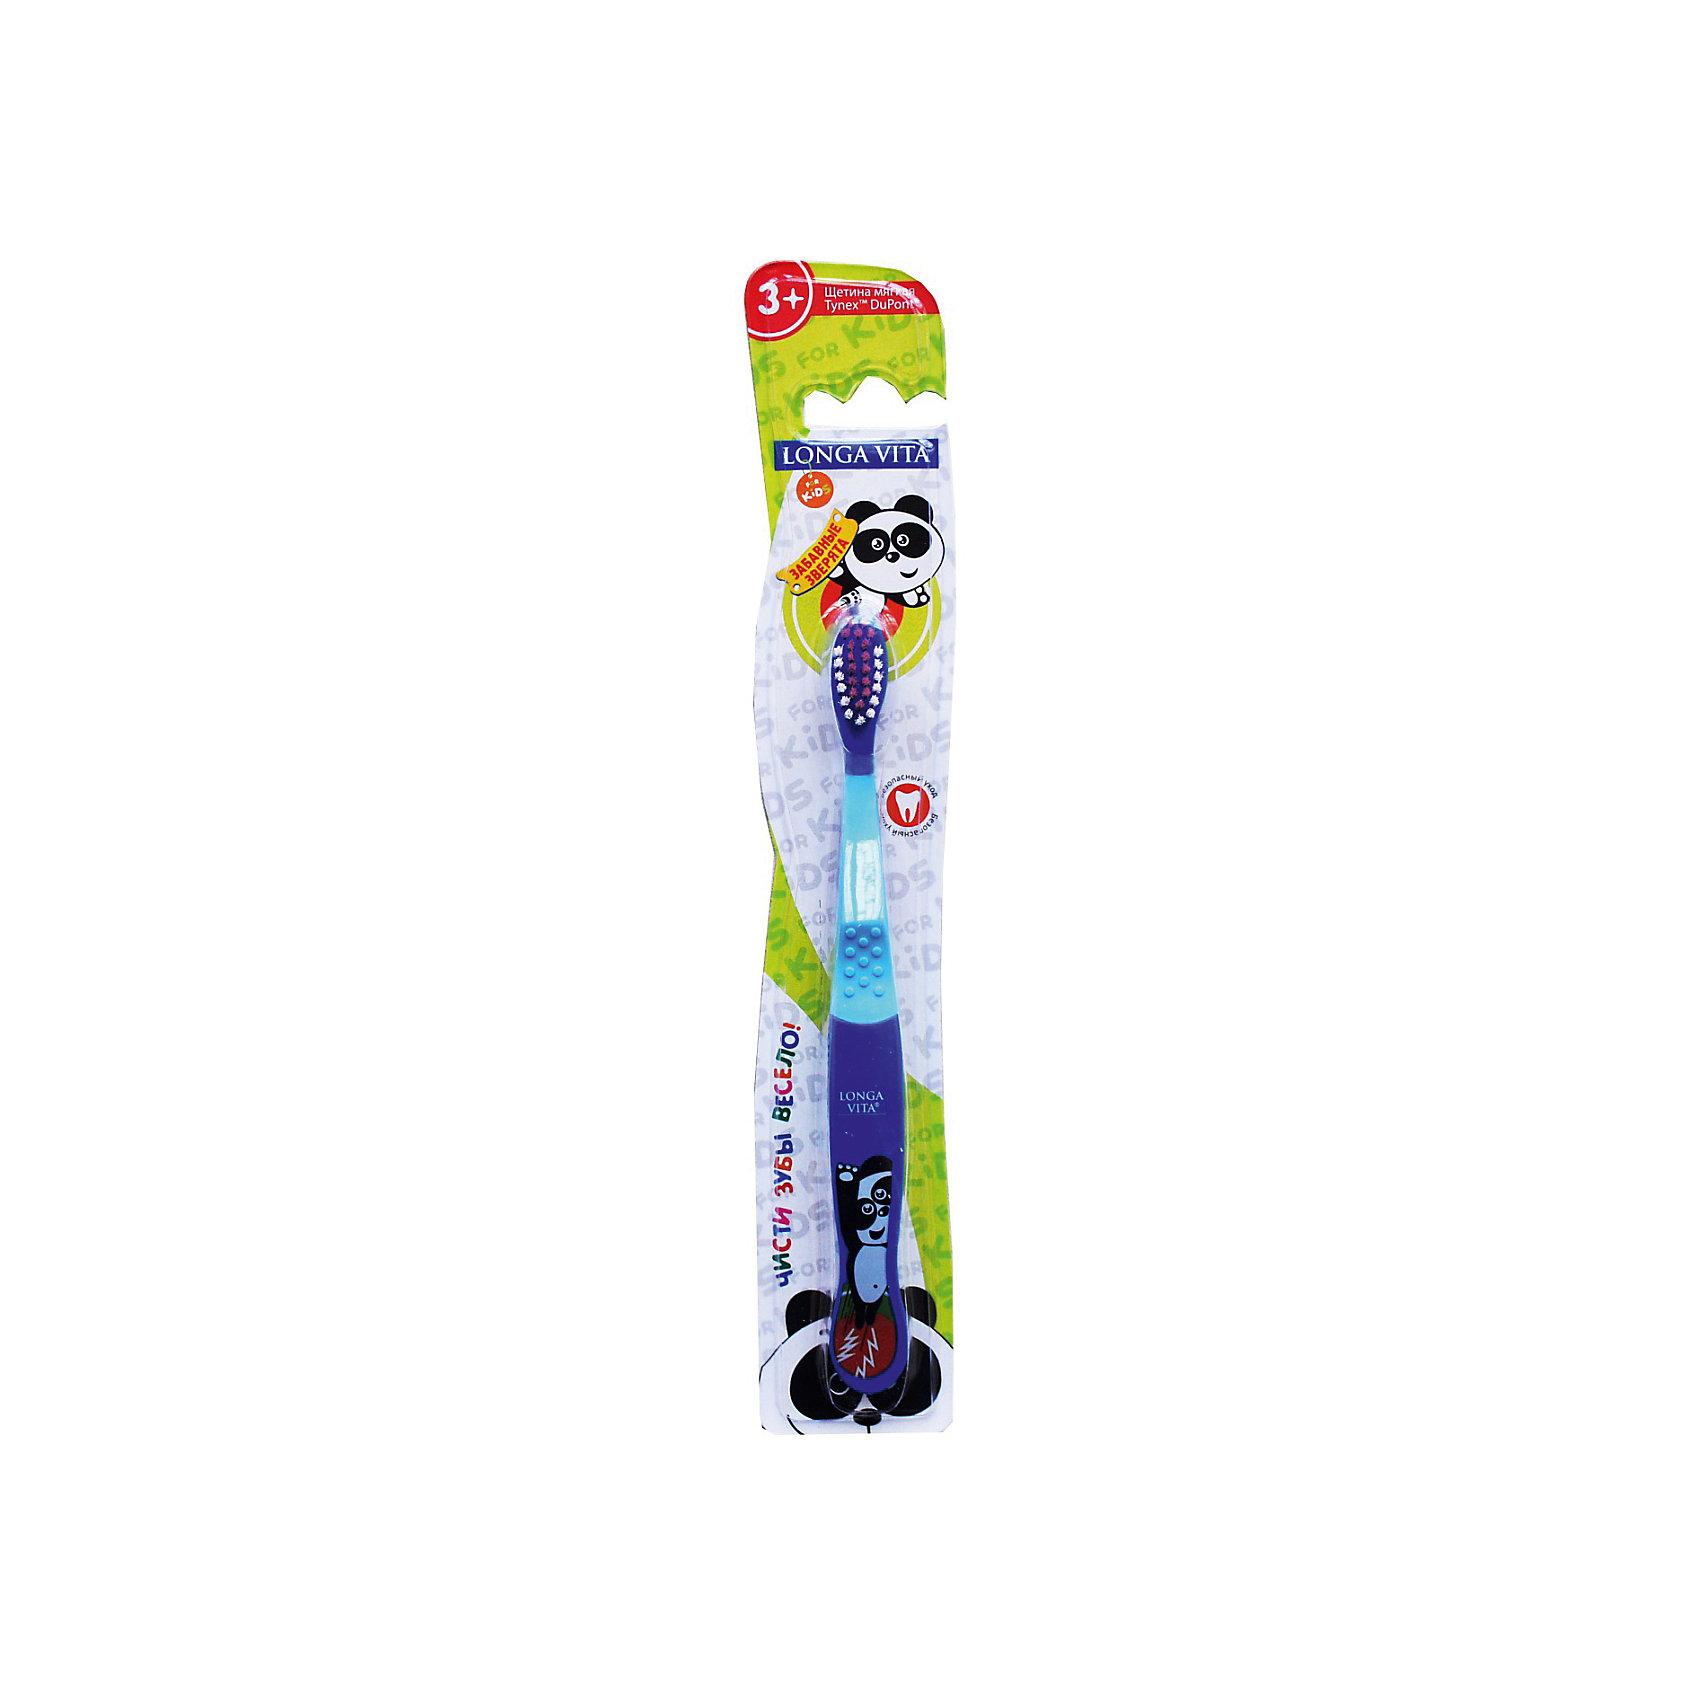 Детская зубная щетка Забавные зверята, от 3-х лет, арт. S-138, LONGA VITA, синийДетская зубная щетка Забавные зверята, от 3-х лет, арт. S-138, LONGA VITA (Лонга Вита), синяя.  <br><br>Характеристика:<br><br>• Материал: пластик, нейлон.<br>• Размер упаковки: 24х4х2 см. <br>• Длина щетки: 16 см. <br>• Жесткость щетины: мягкая. <br>• Эргономичная ручка<br>• Яркий привлекательный дизайн. <br><br>Яркая зубная щетка с очаровательными зверятами приведет в восторг любого ребенка! Щетка LONGA VITA очень маневренная, прекрасно очищает ротовую полость и удаляет зубной налет. Благодаря мягкой щетине, она не травмирует нежные детские десны. Удобная эргономичная ручка препятствует выскальзыванию. Привлекательный дизайн и изображения забавных зверят сделают процесс чистки зубов увлекательным и веселым!<br><br>Детскую зубную щетку Забавные зверята, от 3-х лет, арт. S-138, LONGA VITA (Лонга Вита) синюю, можно купить в нашем магазине.<br><br>Ширина мм: 20<br>Глубина мм: 25<br>Высота мм: 160<br>Вес г: 40<br>Возраст от месяцев: 36<br>Возраст до месяцев: 84<br>Пол: Унисекс<br>Возраст: Детский<br>SKU: 5130711